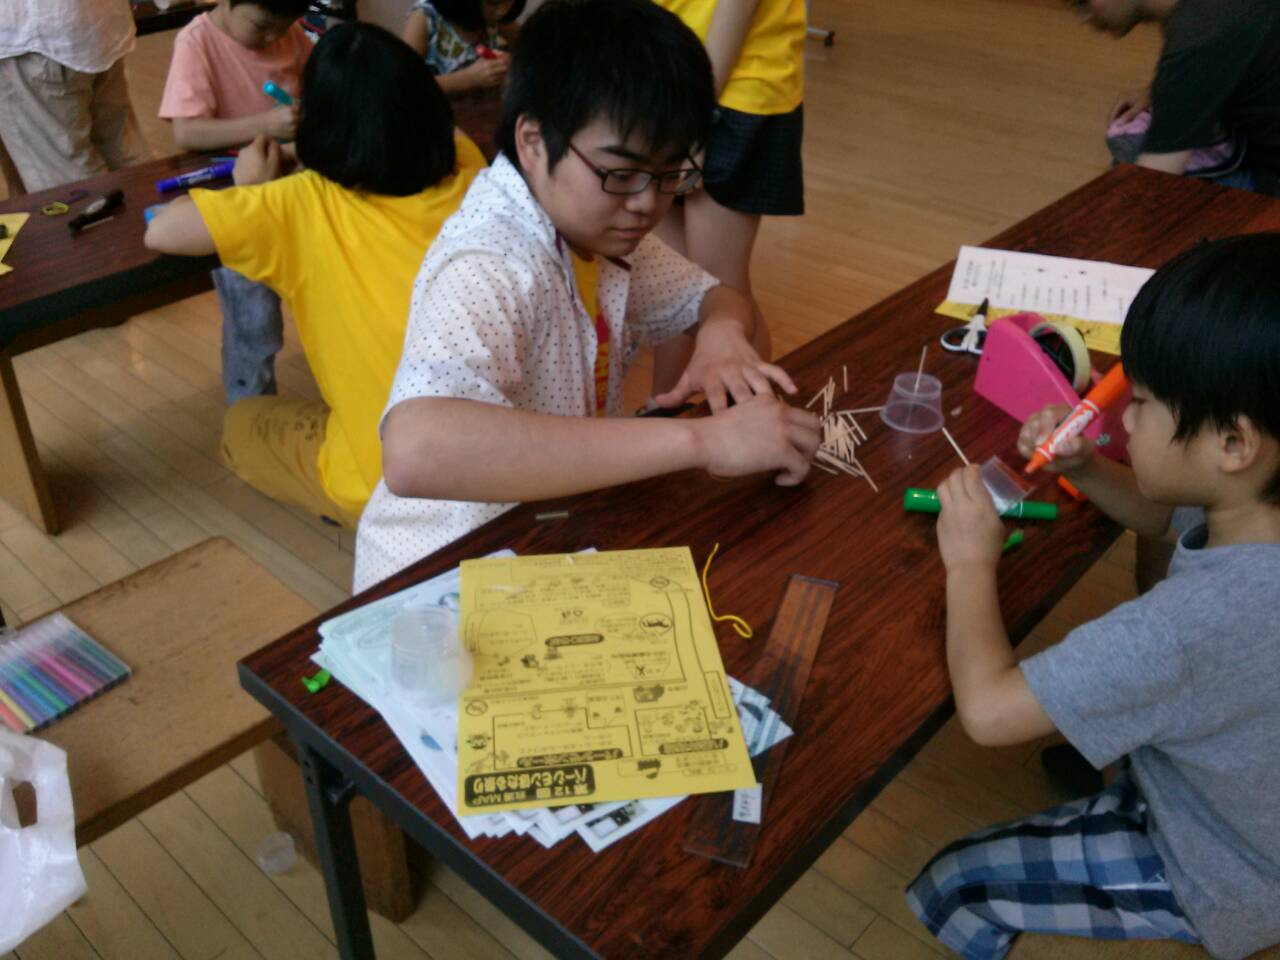 2014/07/13 ほたる祭り@目黒パーシモンホール_f0240709_22481589.jpg